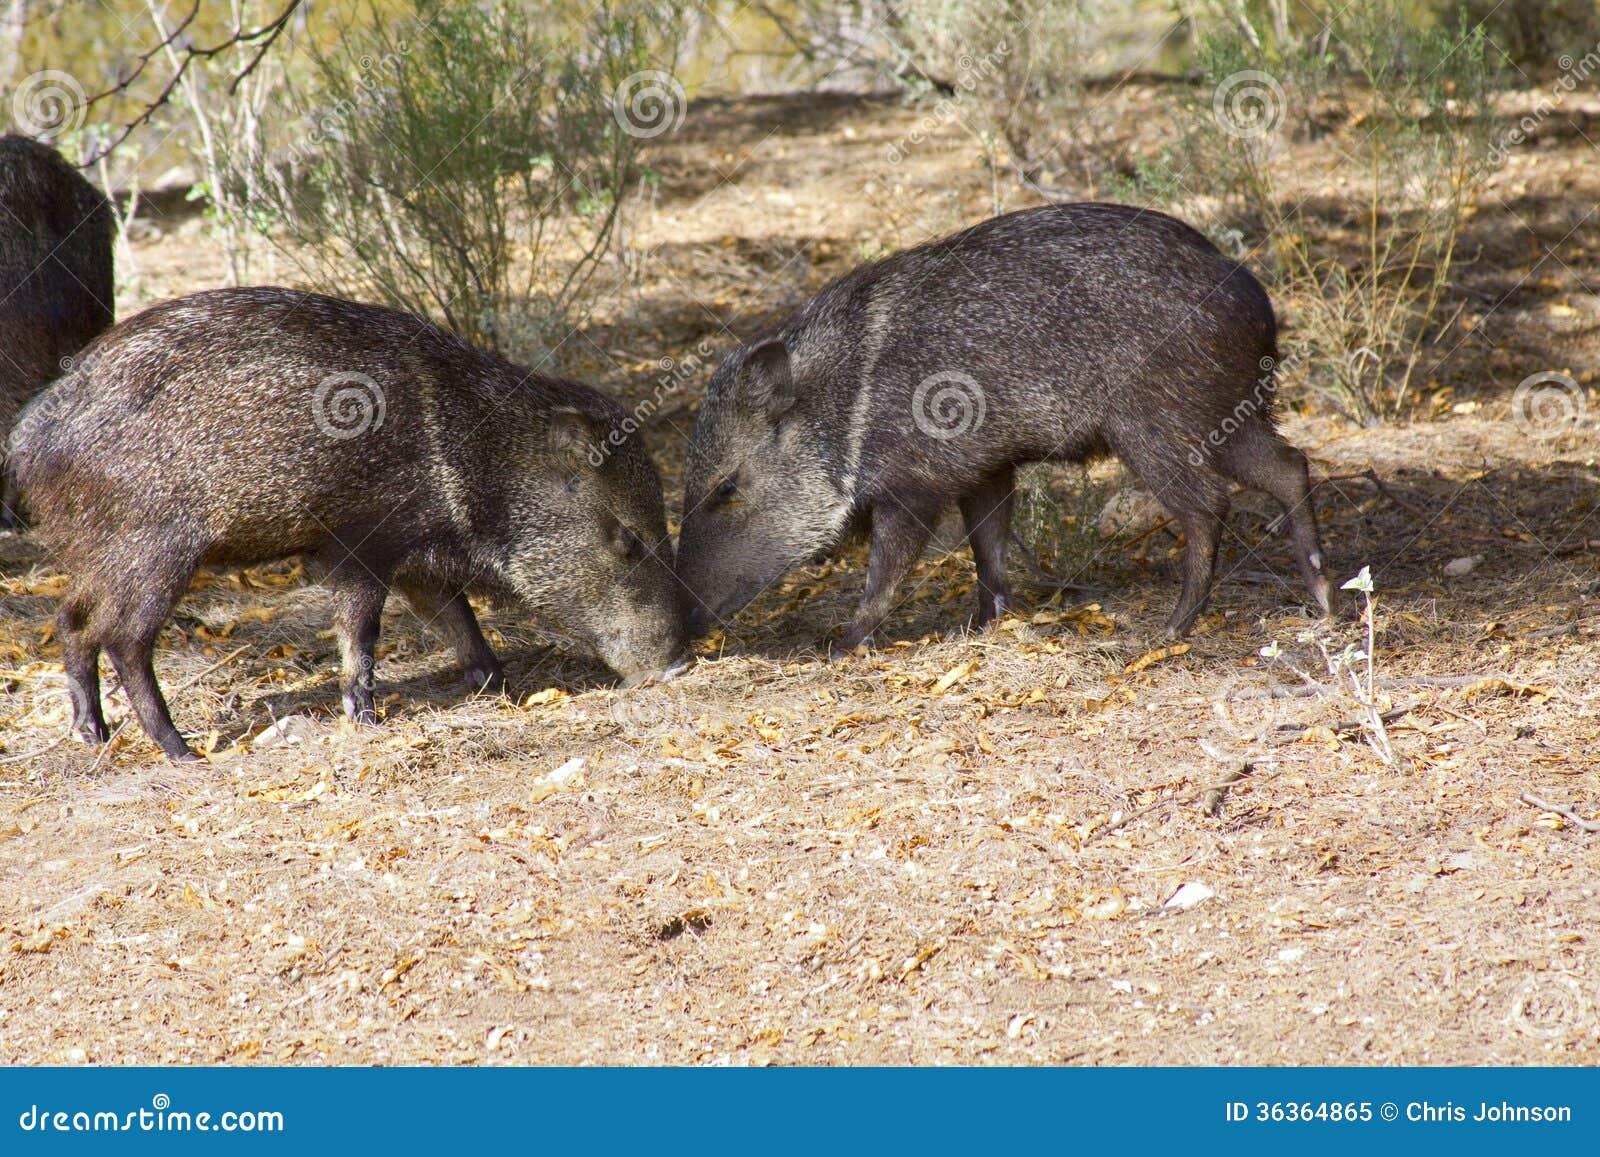 Wild Pigs In Arizona